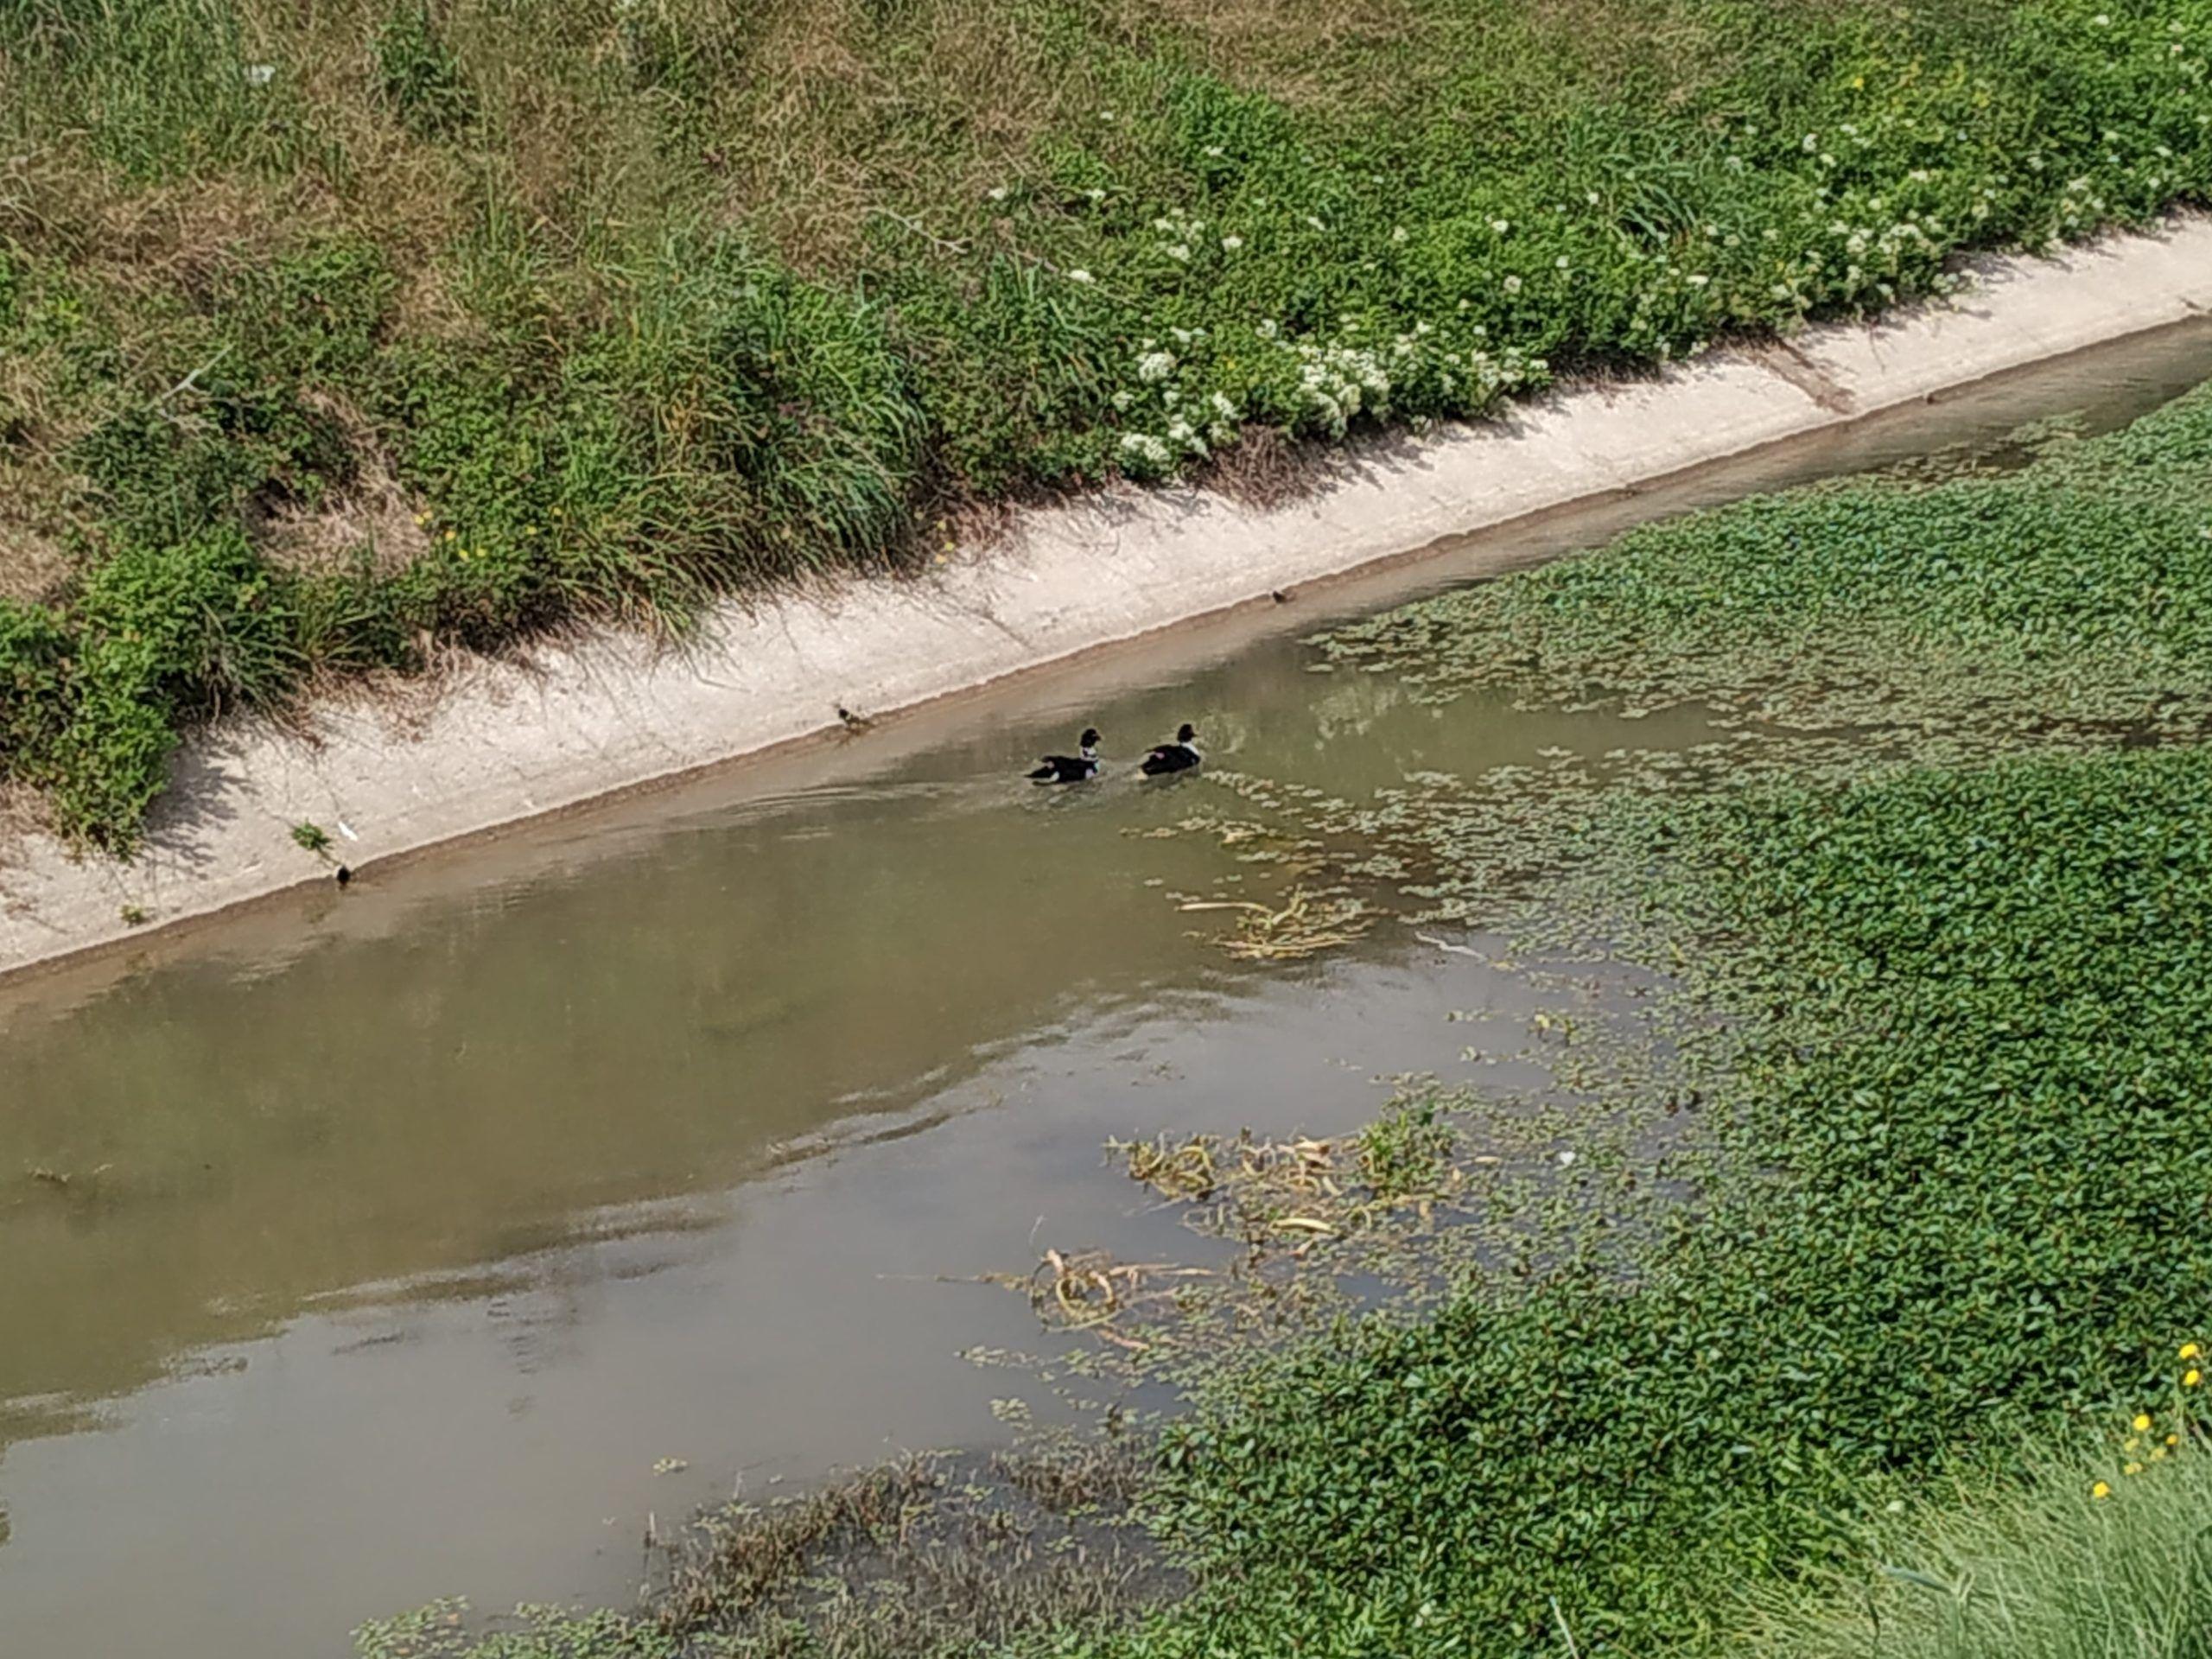 Los patos nadando